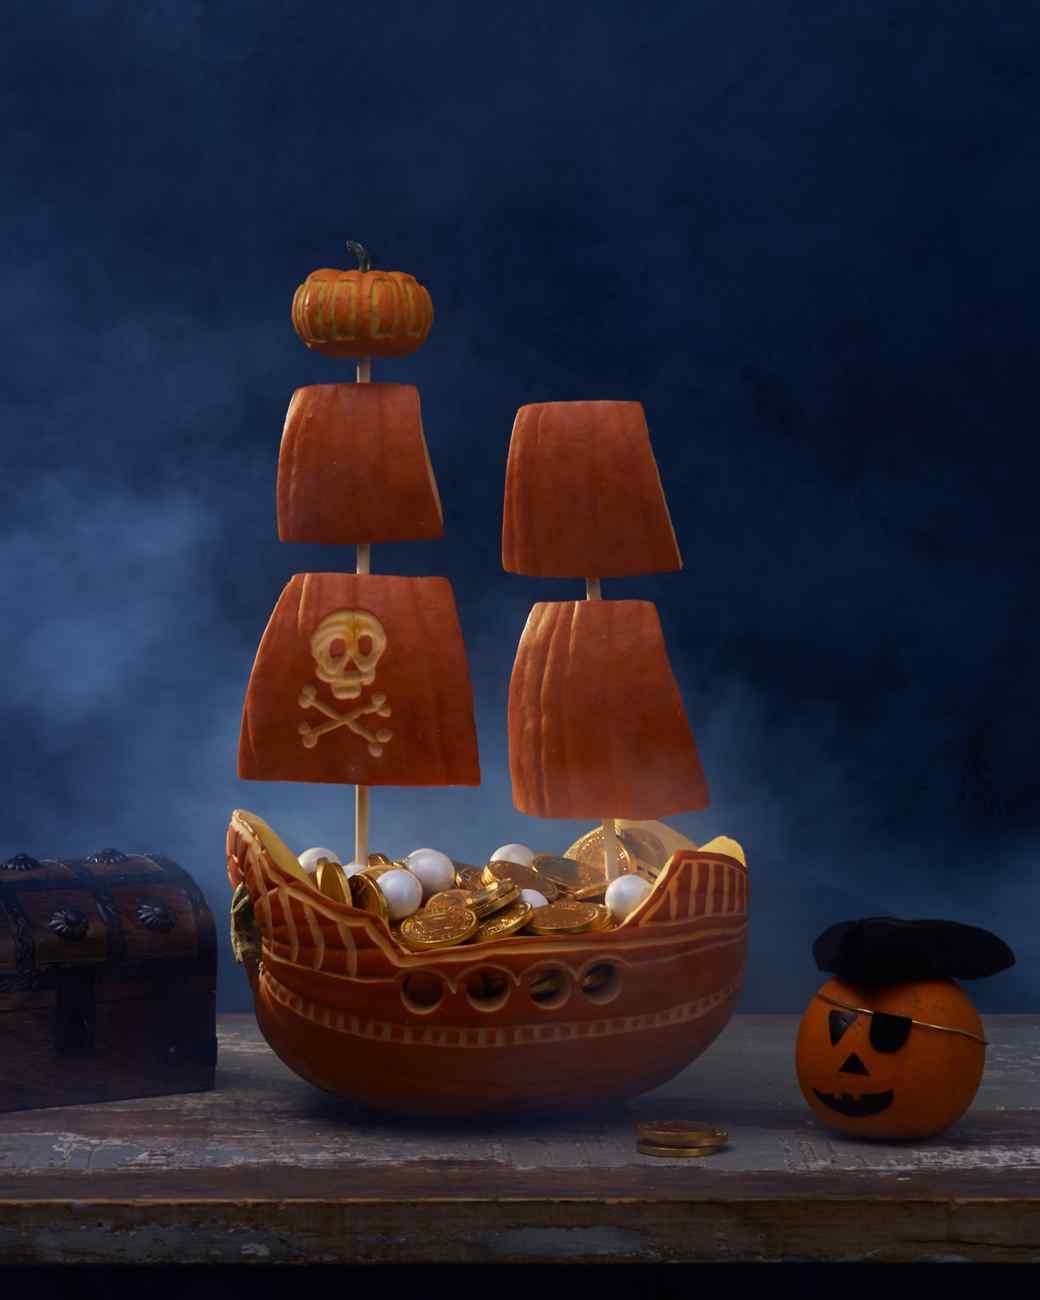 pirate ship pumpkin